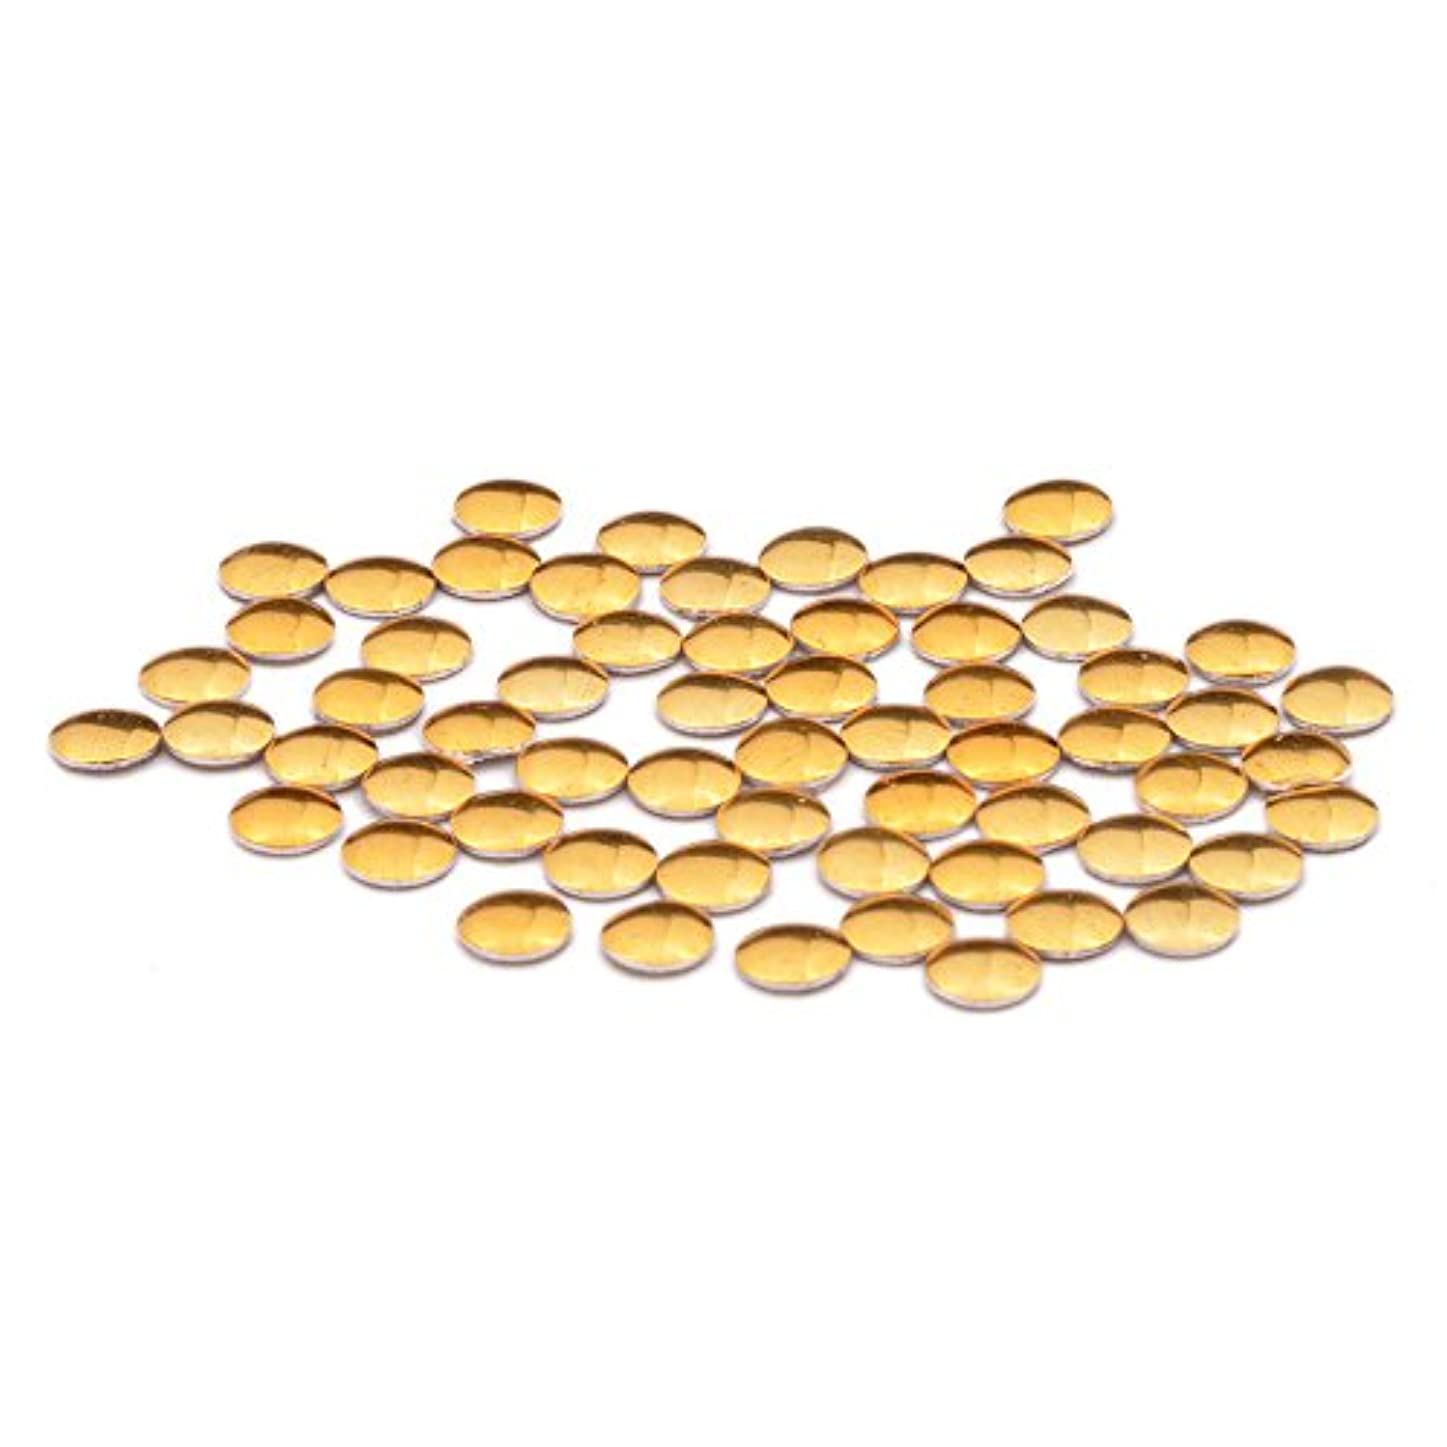 レジ令状継続中ラウンド メタルスタッズ 丸型(0.8mm/1mm/1.2mm/1.5mm/2mm/2.5mm/3mm)約50粒入り (1.2mm, ゴールド)